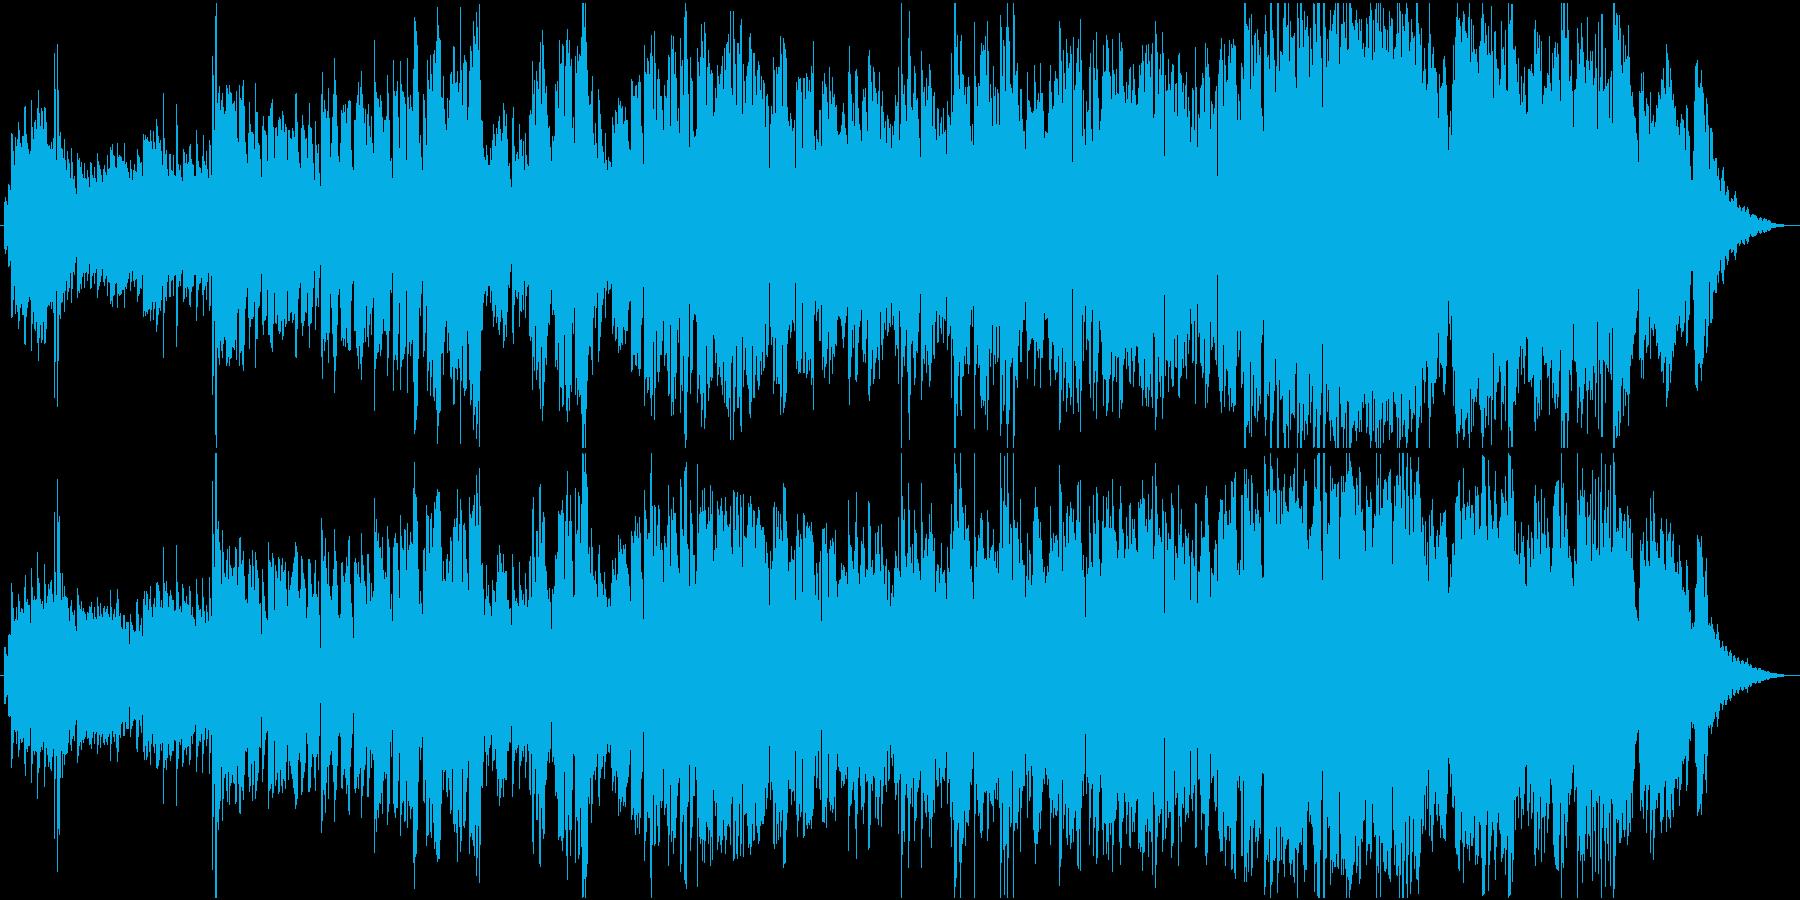 切ないイメージの幻想的なバラードの再生済みの波形